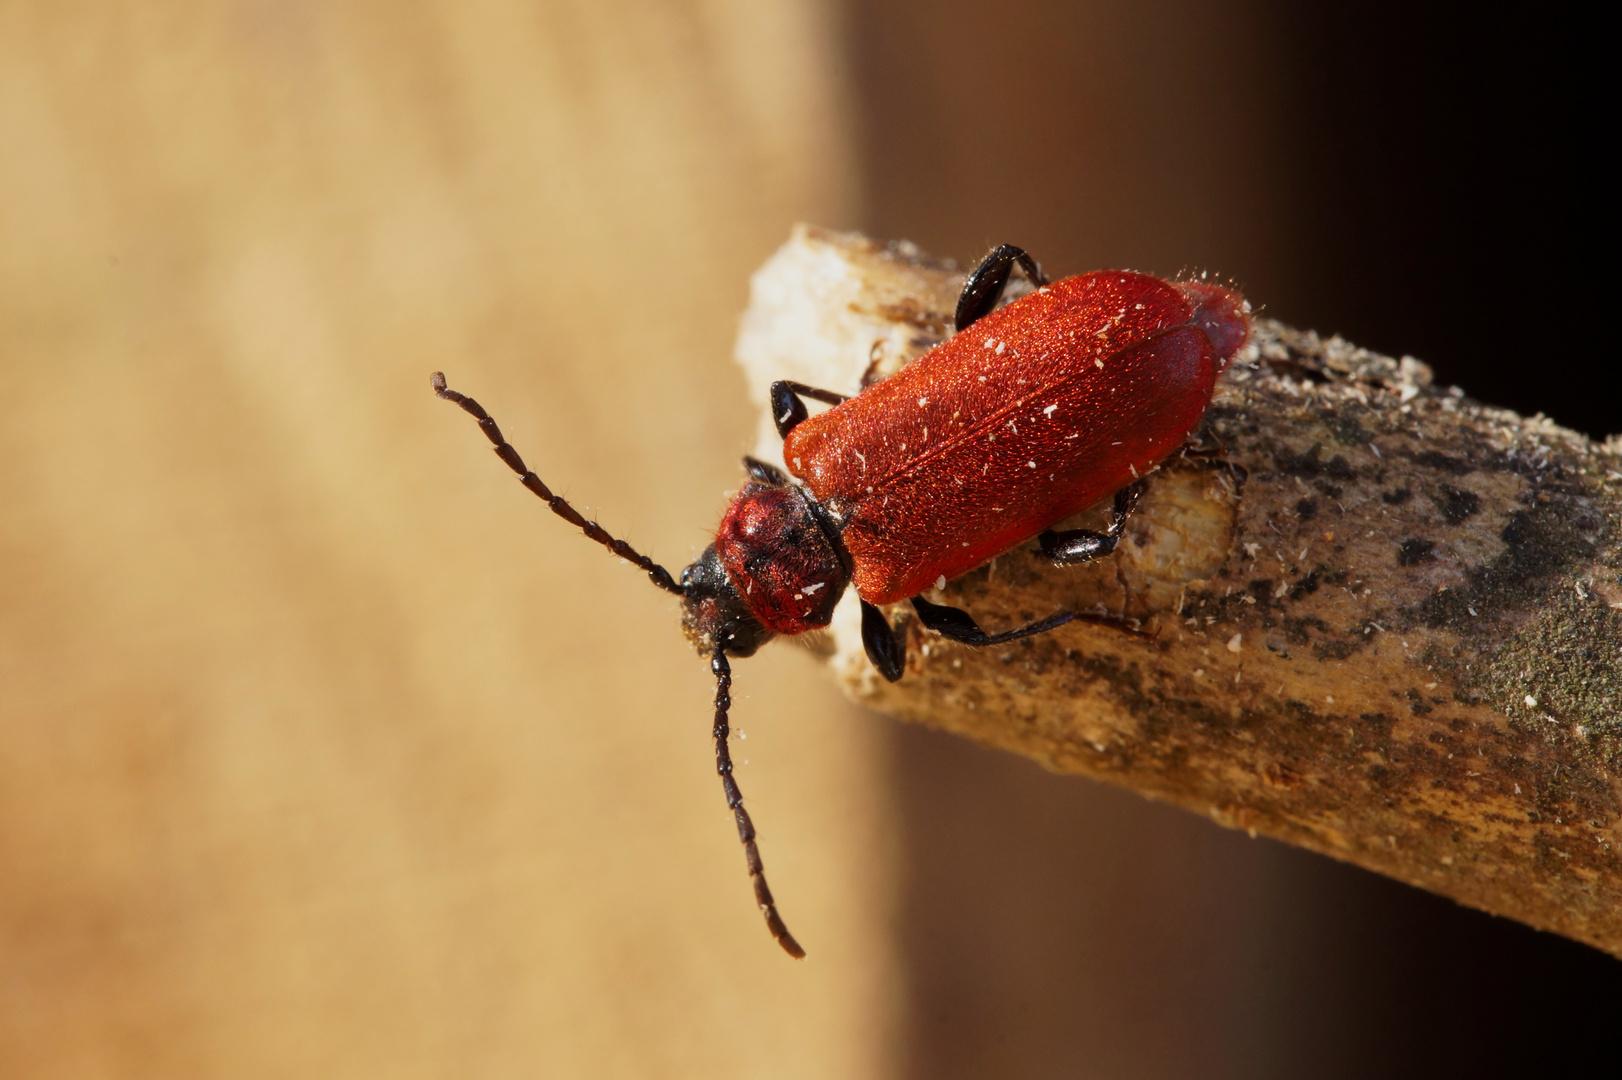 Wie heißt dieser Käfer?